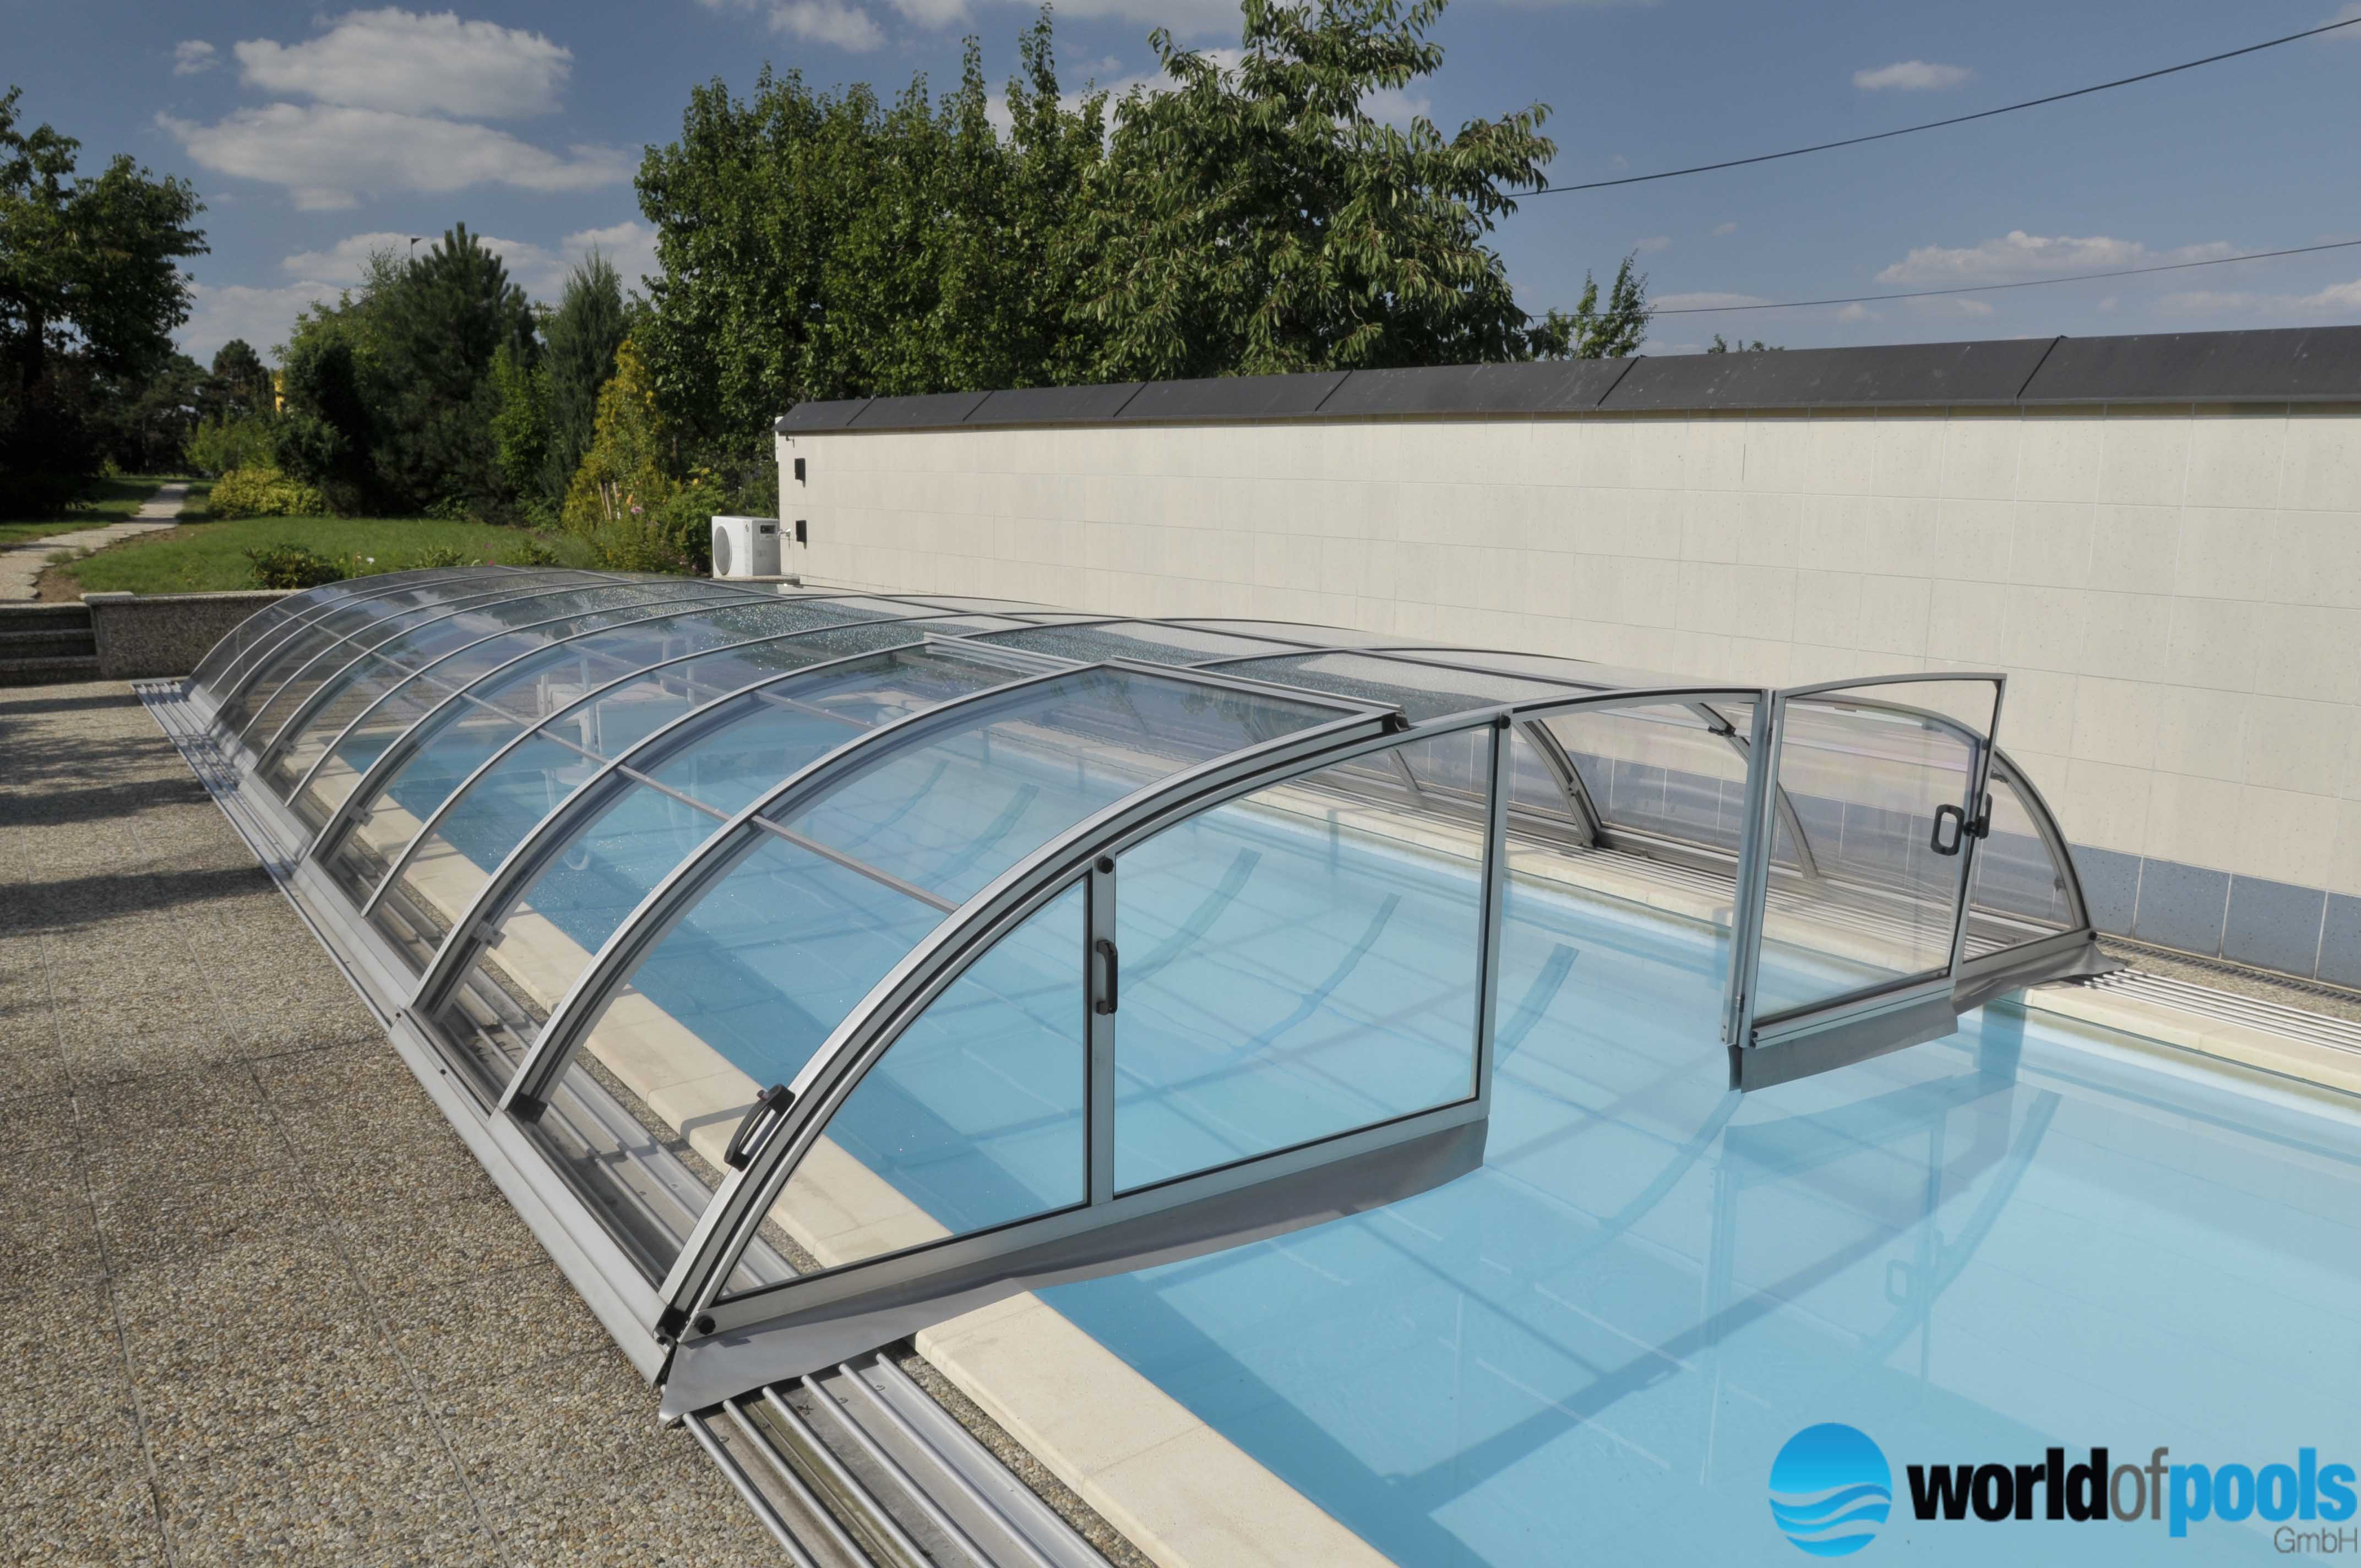 Angebot Pools für Garten, Swimmingpools, Fertigschwimmbecken.